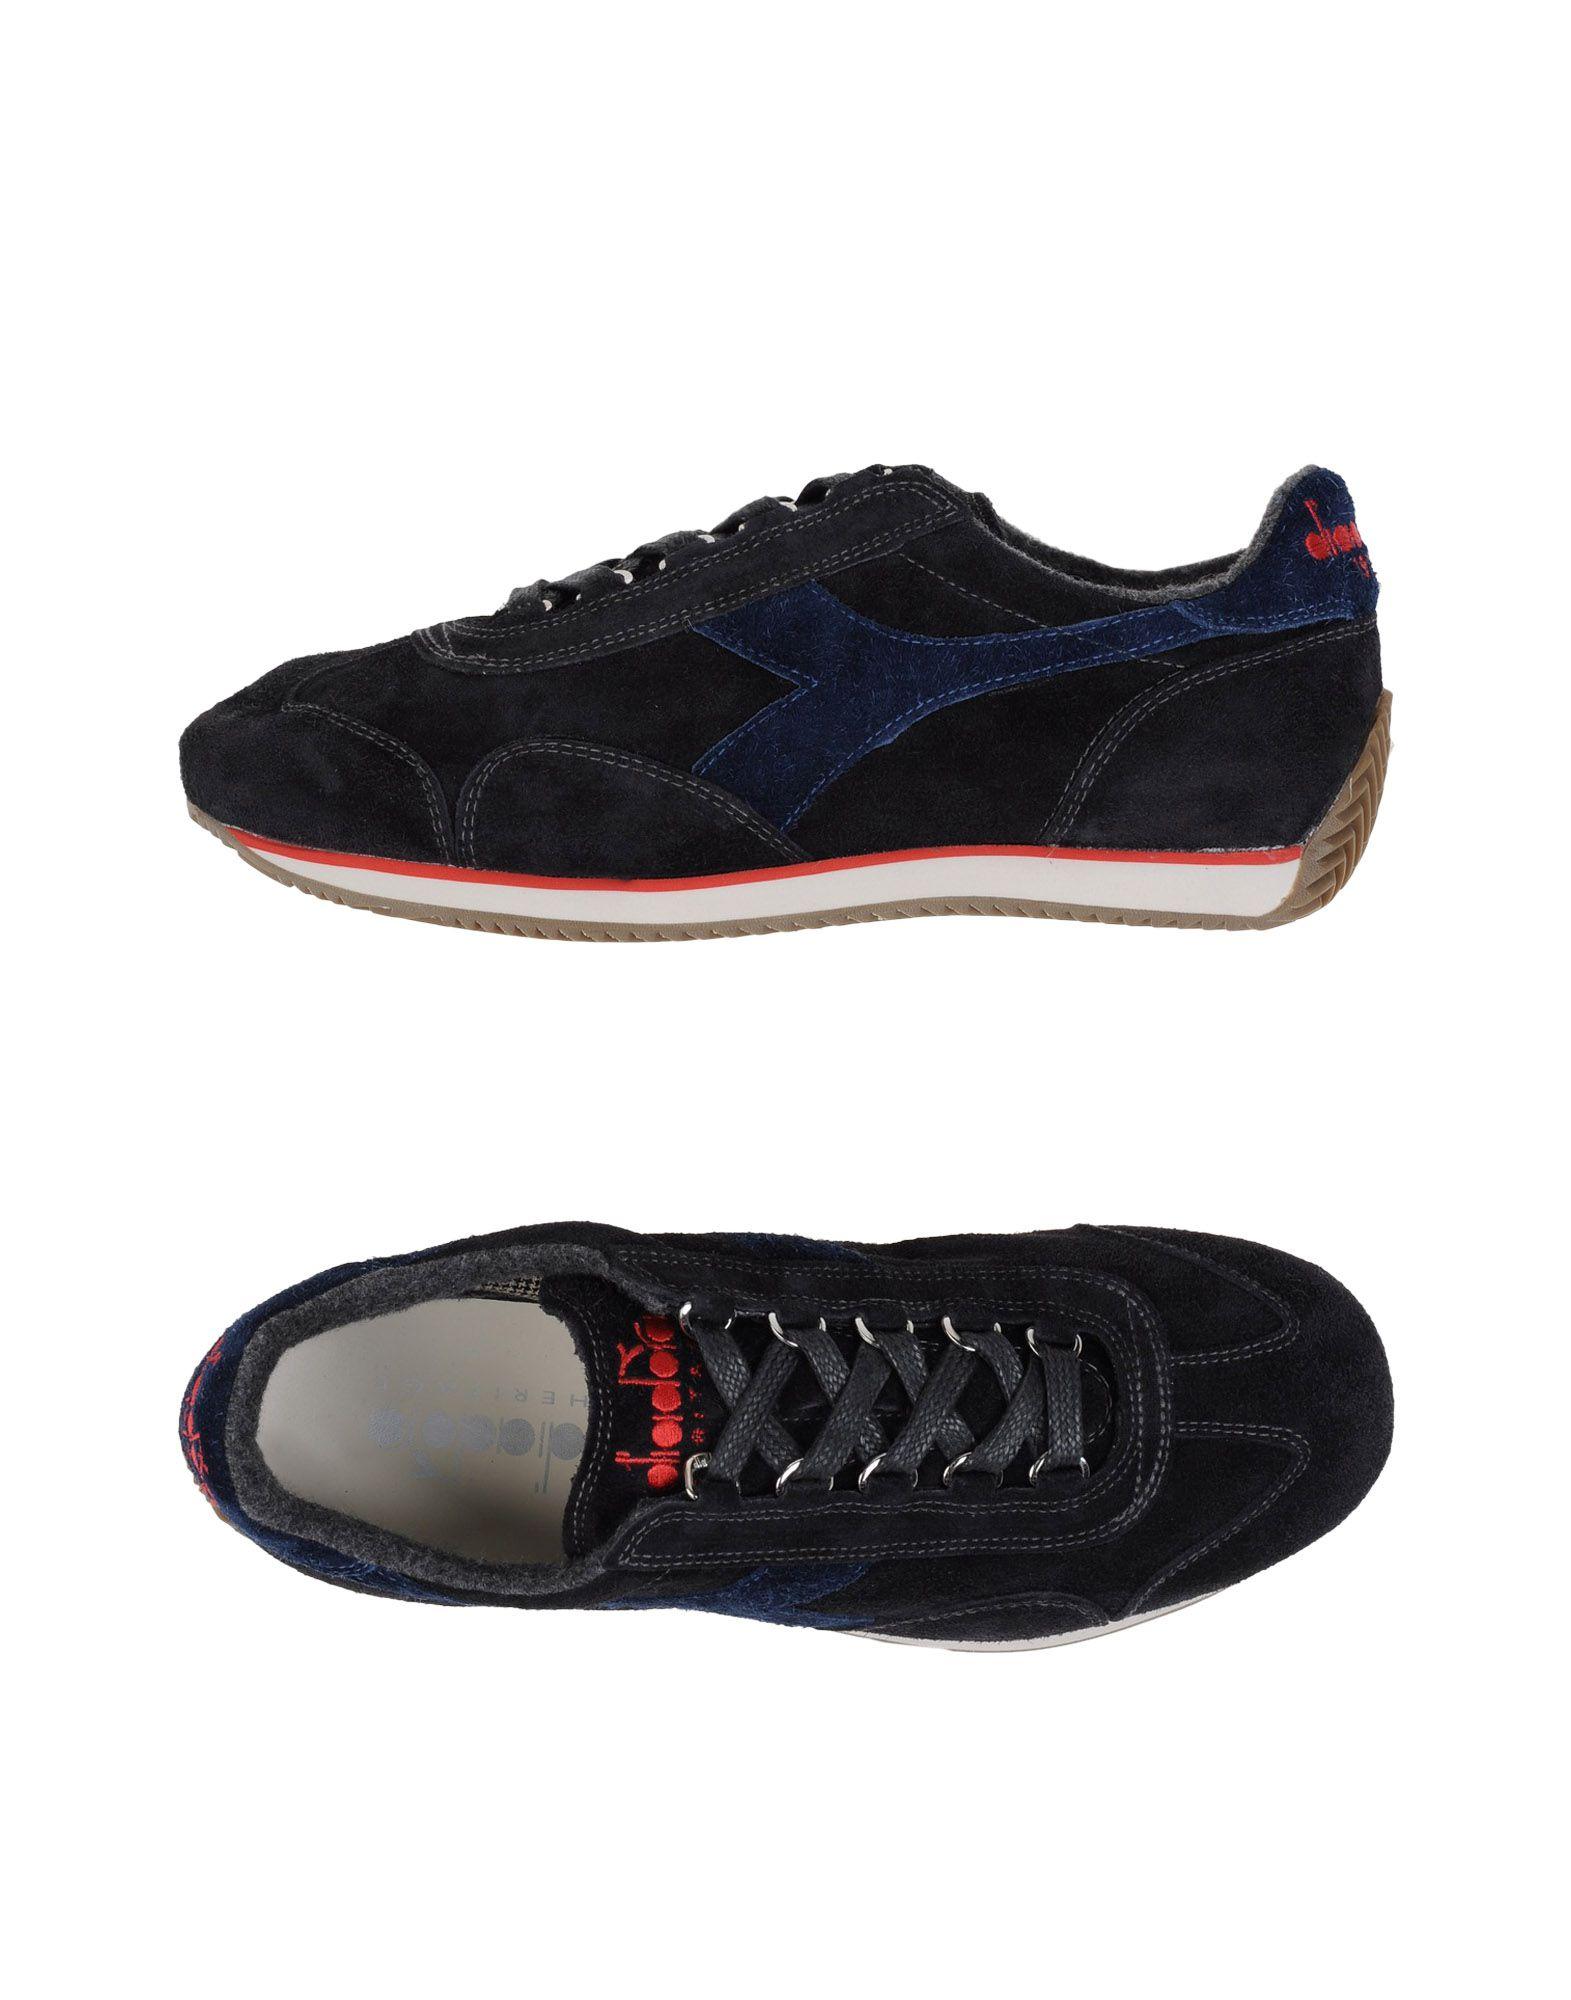 Sneakers Diadora Heritage Equipe Monkey - Uomo - Acquista online su